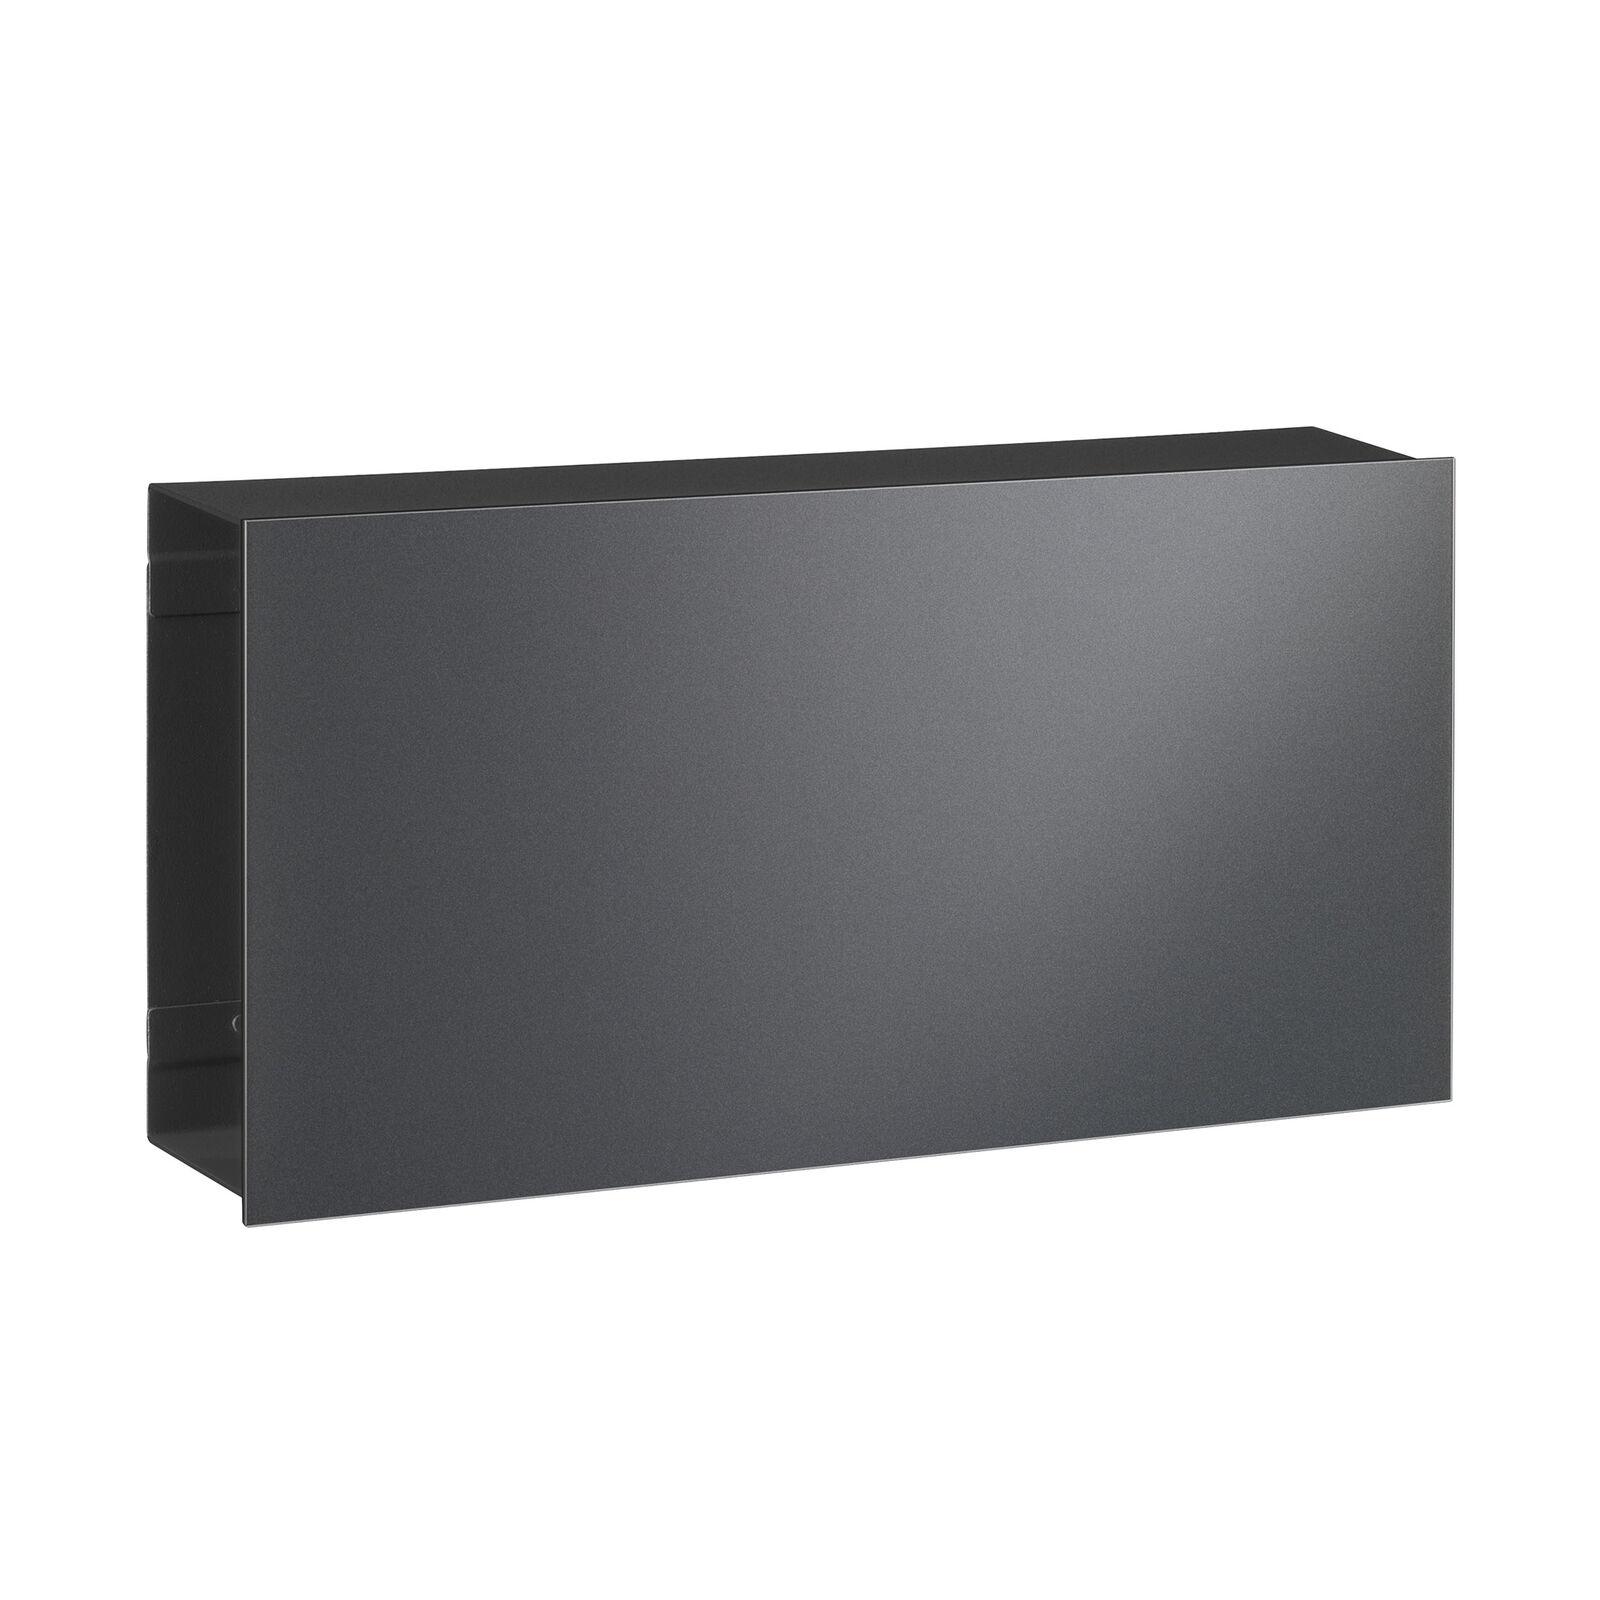 Serafini Flat Zeitungsfach Glas grau      grau 30,7 x 9,4 cm, h 16,1 cm